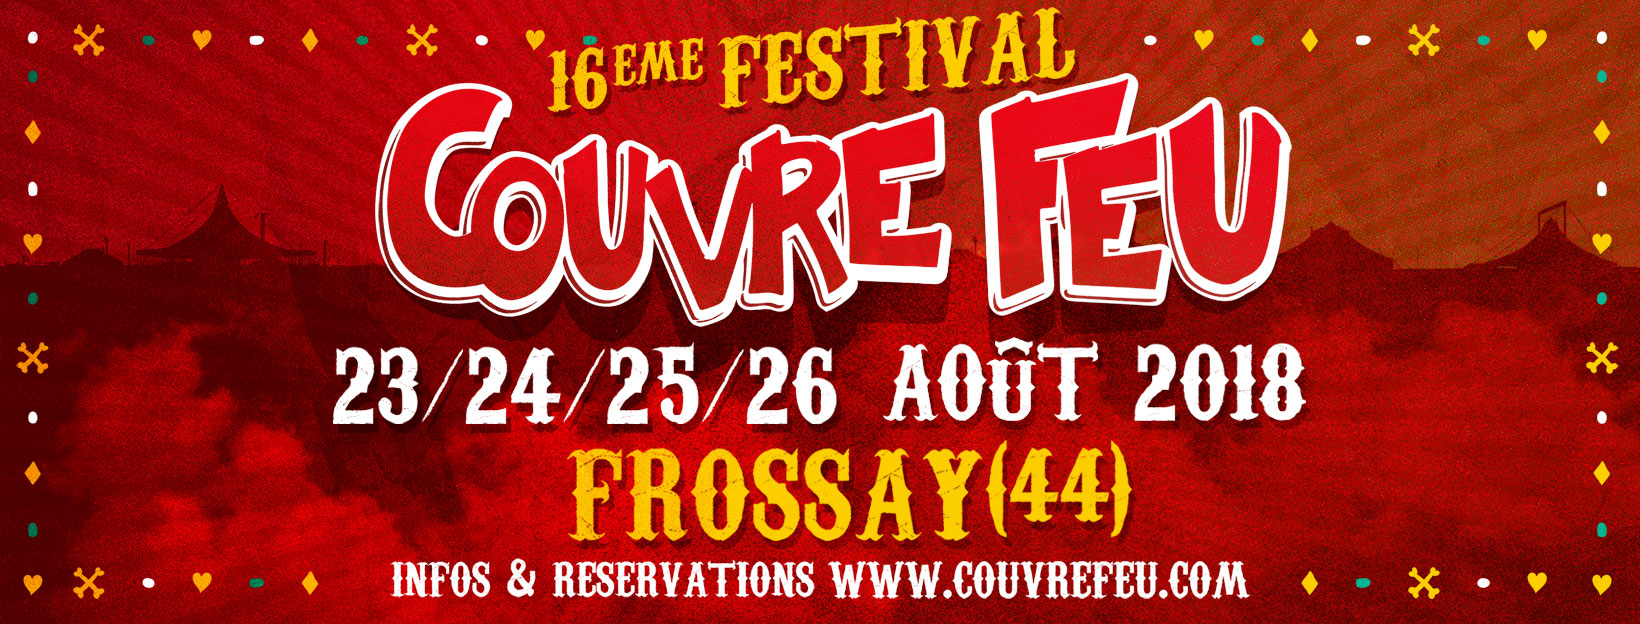 Couvre Feu_Festival_2018